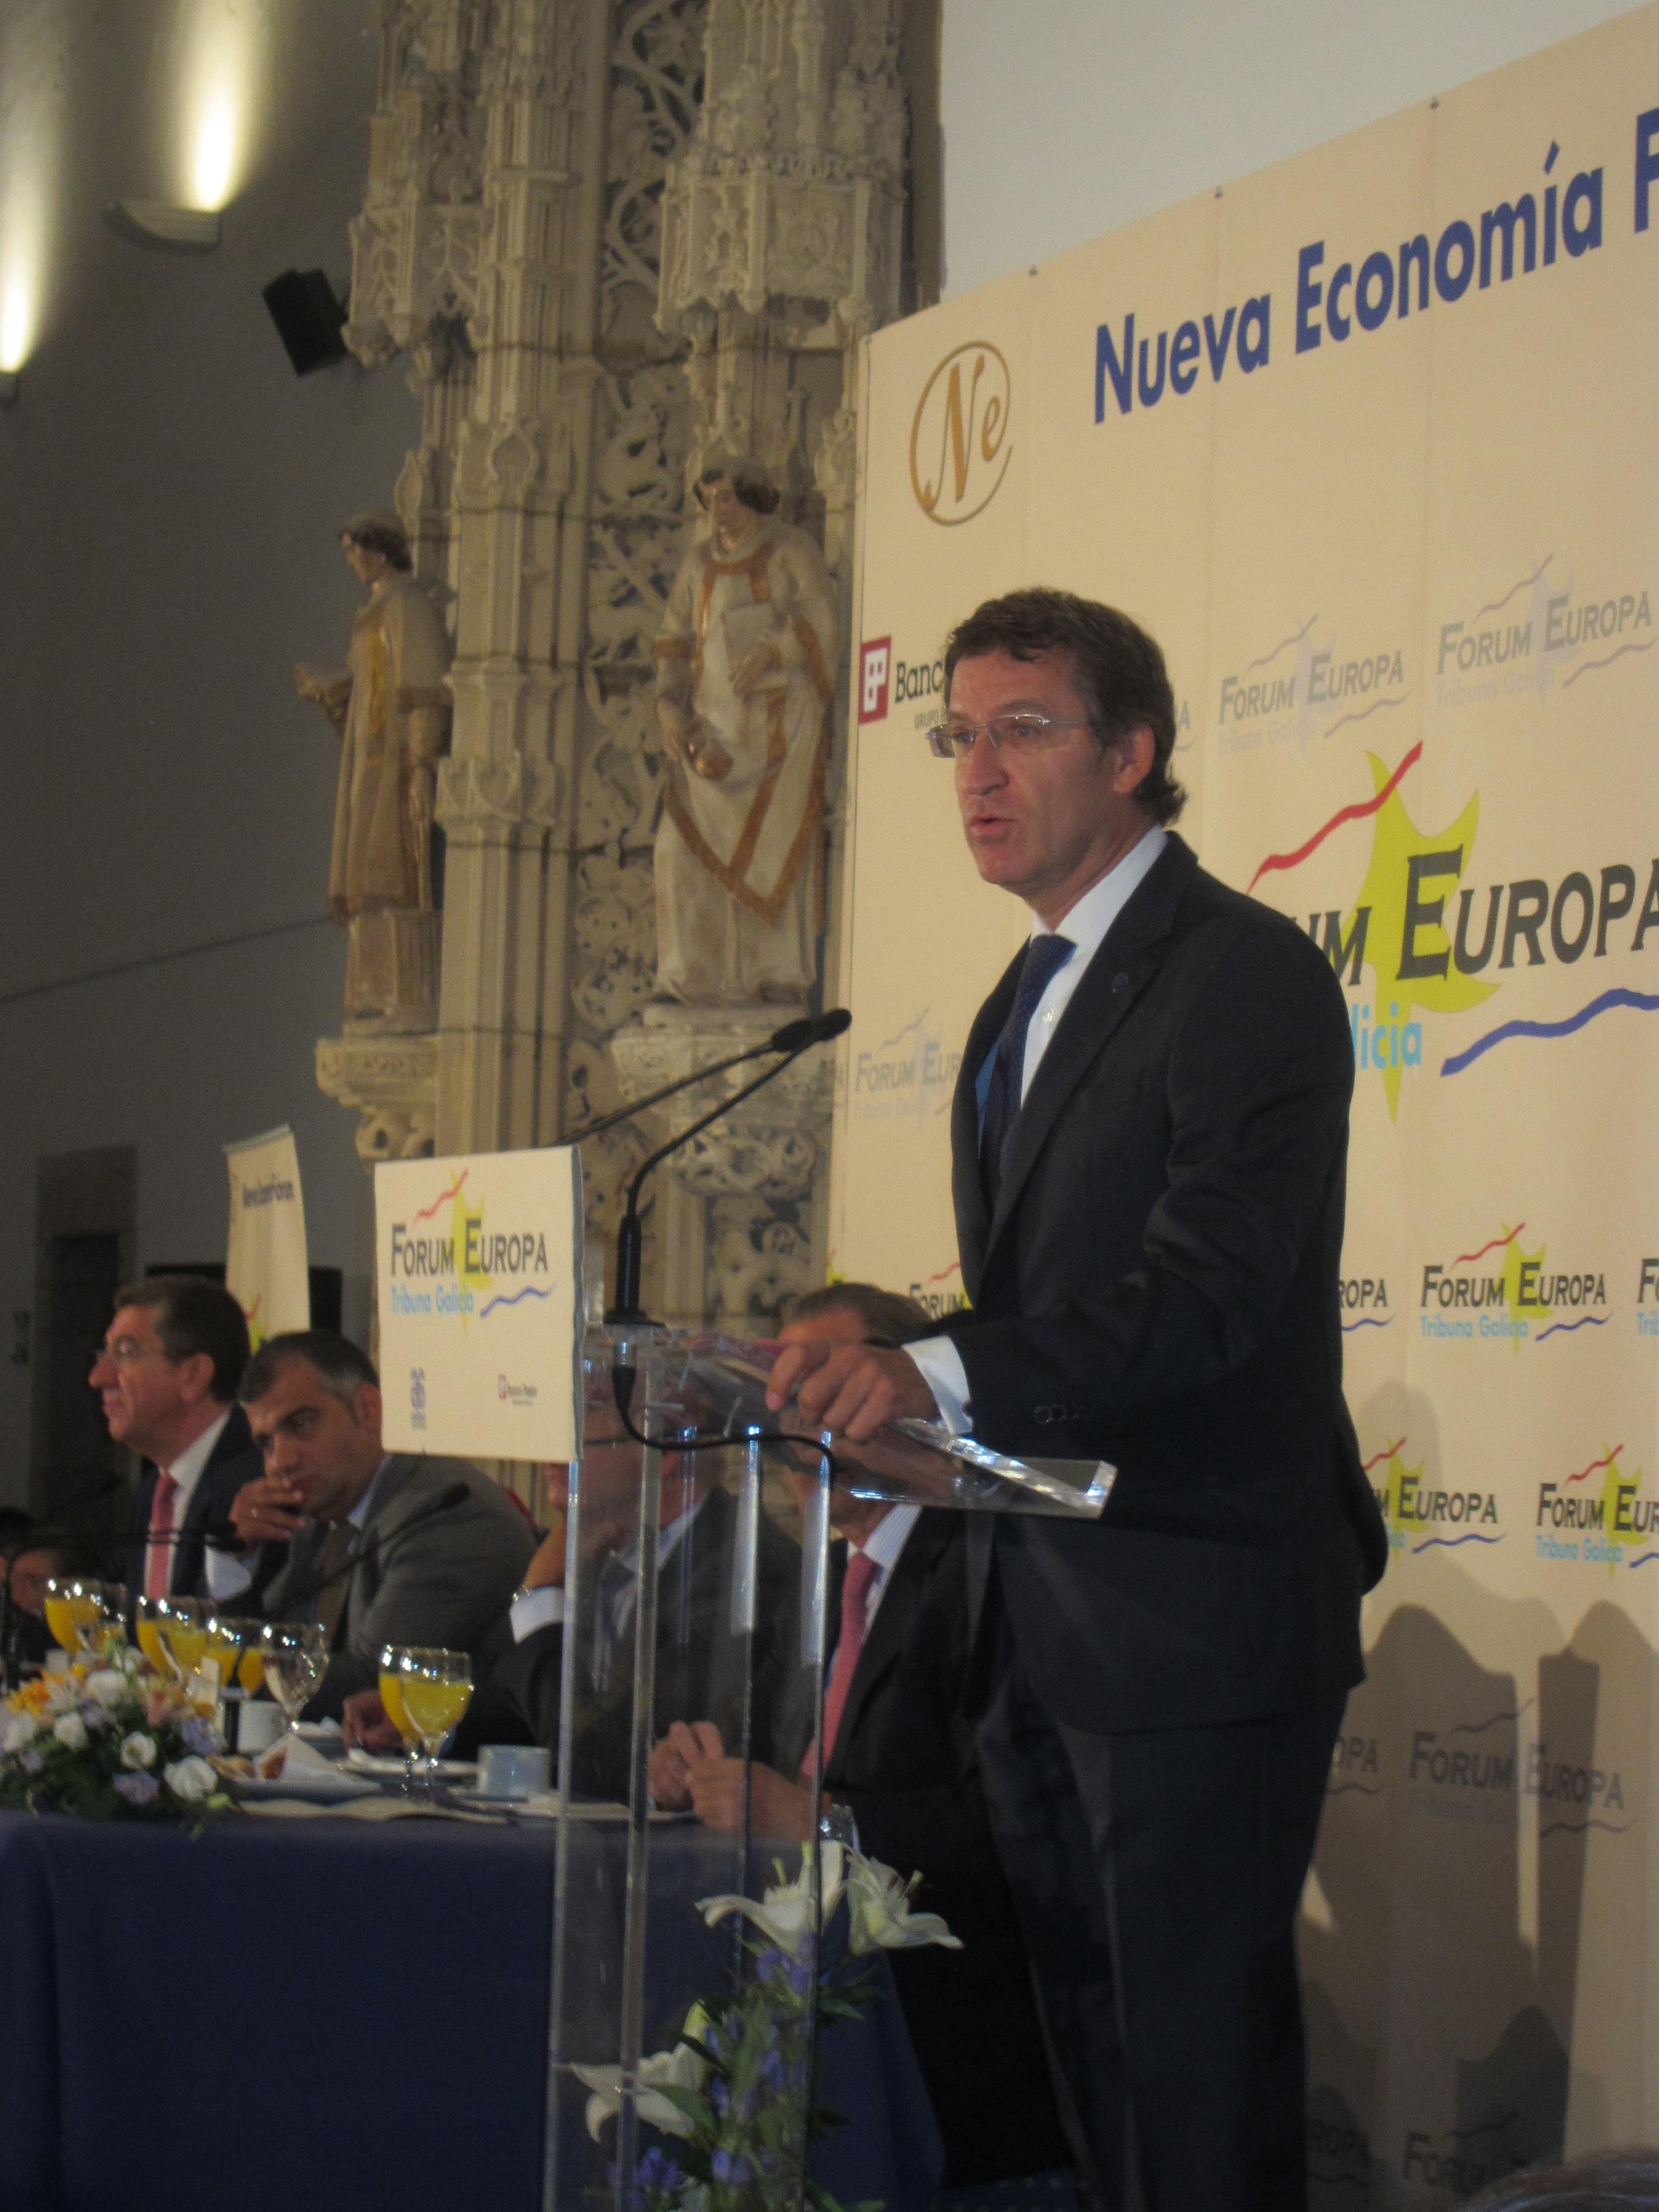 Feijóo apela a «desmontar con inteligencia» la «mentira» sobre la que se basa la «desafección» de Cataluña hacia España